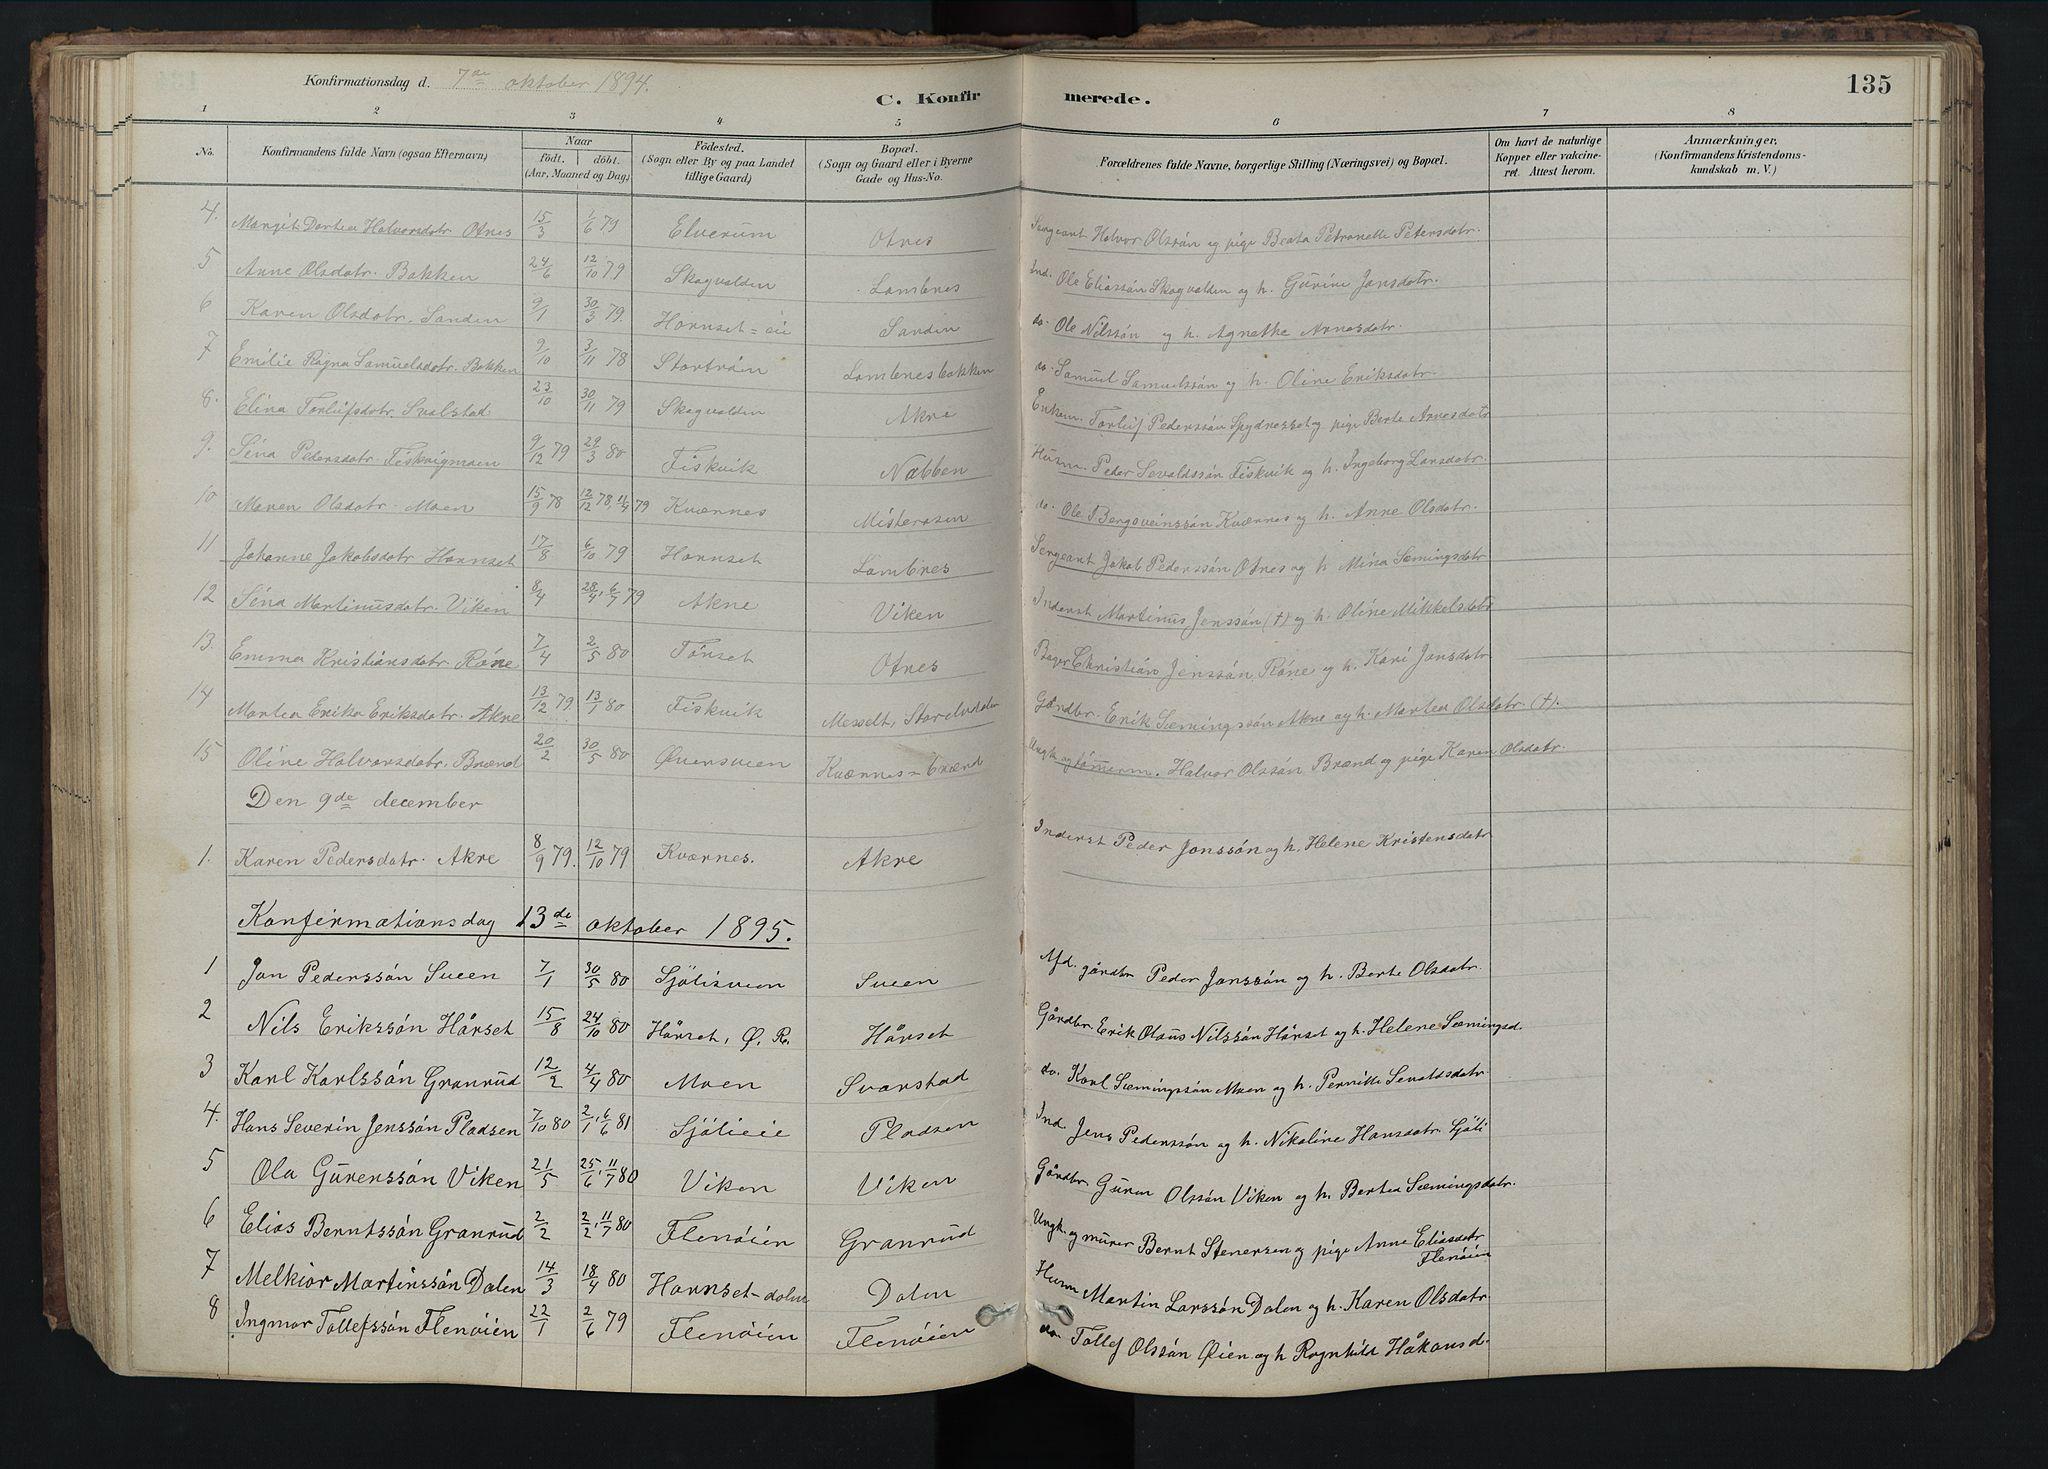 SAH, Rendalen prestekontor, H/Ha/Hab/L0009: Klokkerbok nr. 9, 1879-1902, s. 135